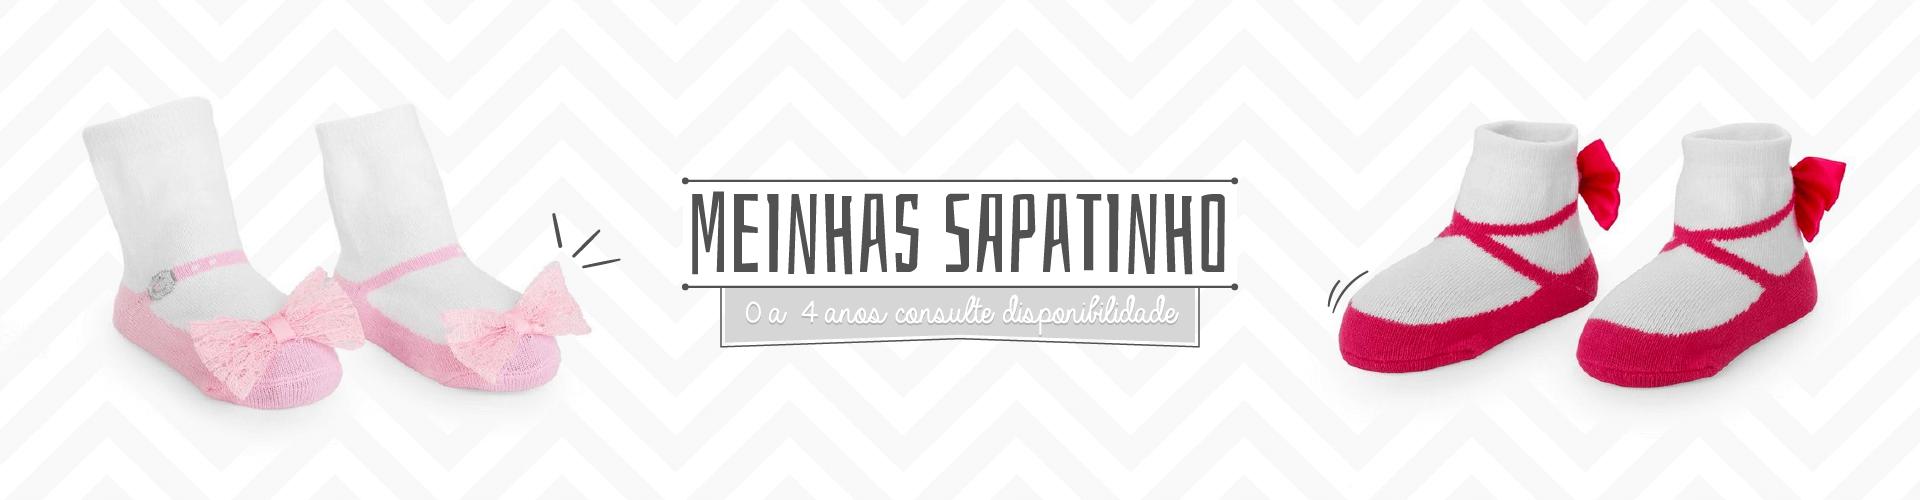 Meinhas - Novo